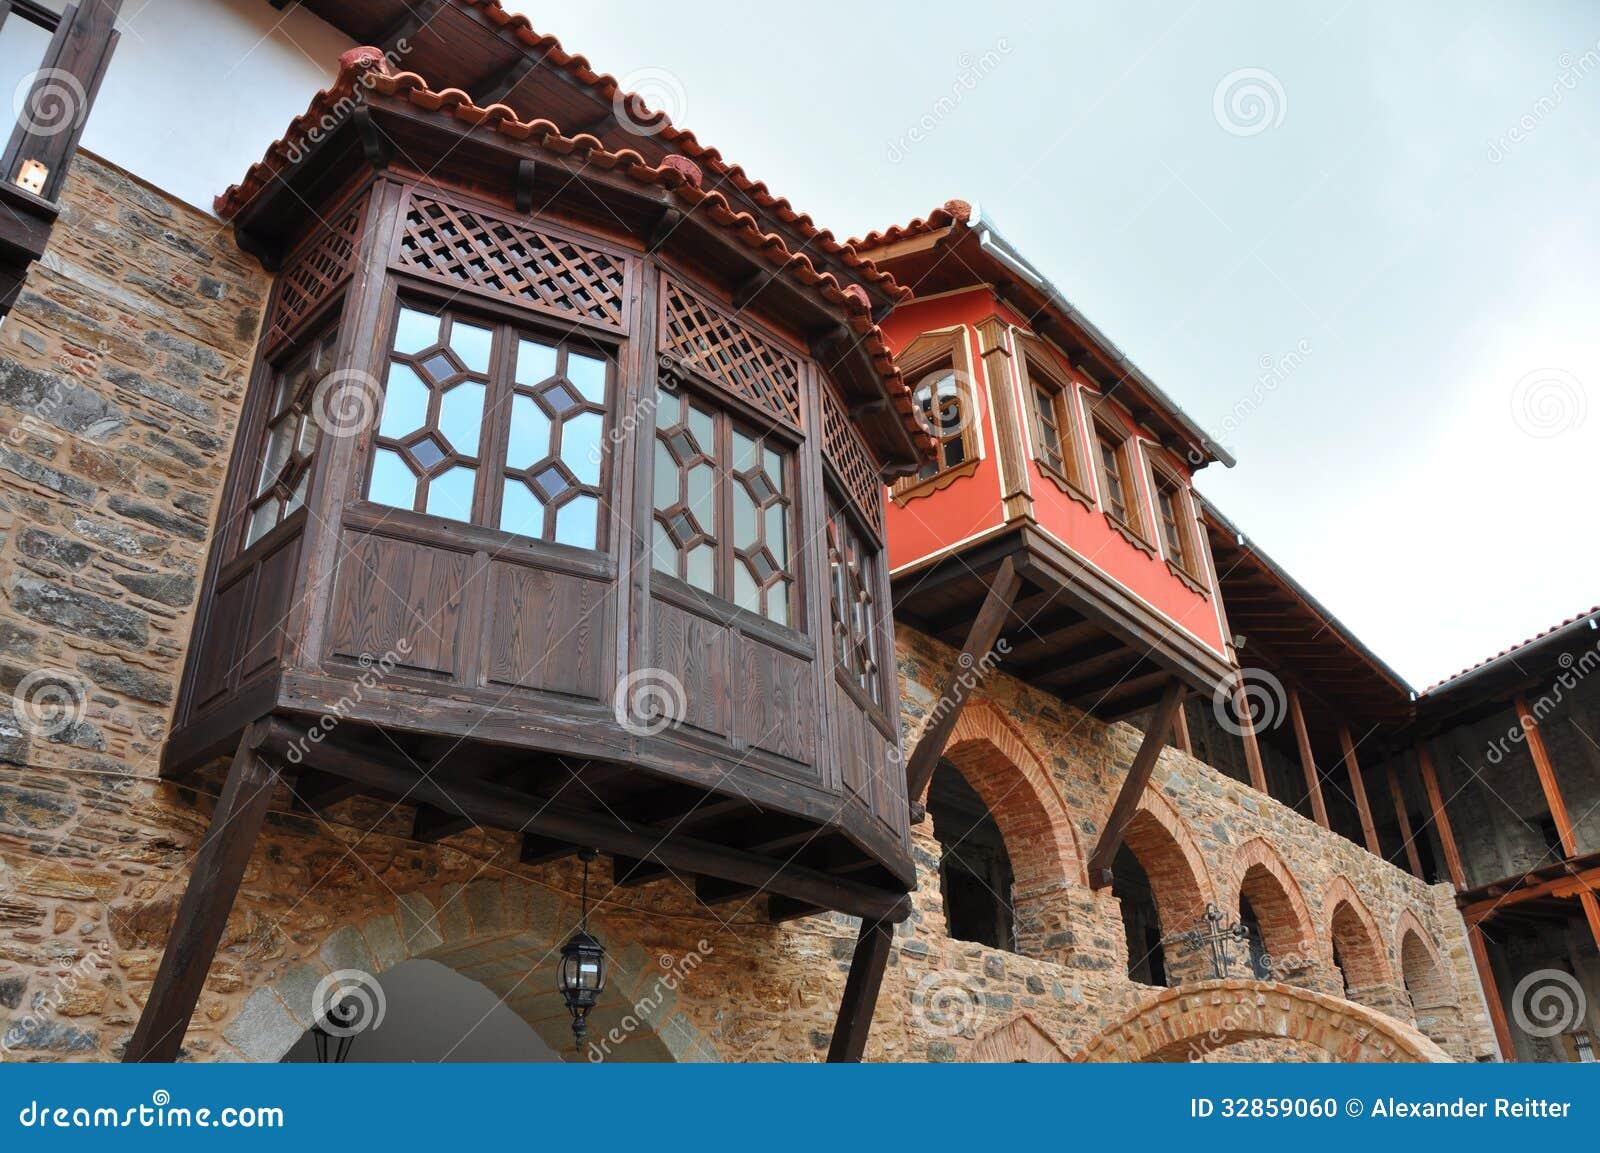 Piccoli Balconi Di Legno Fotografia Stock - Immagine: 32859060